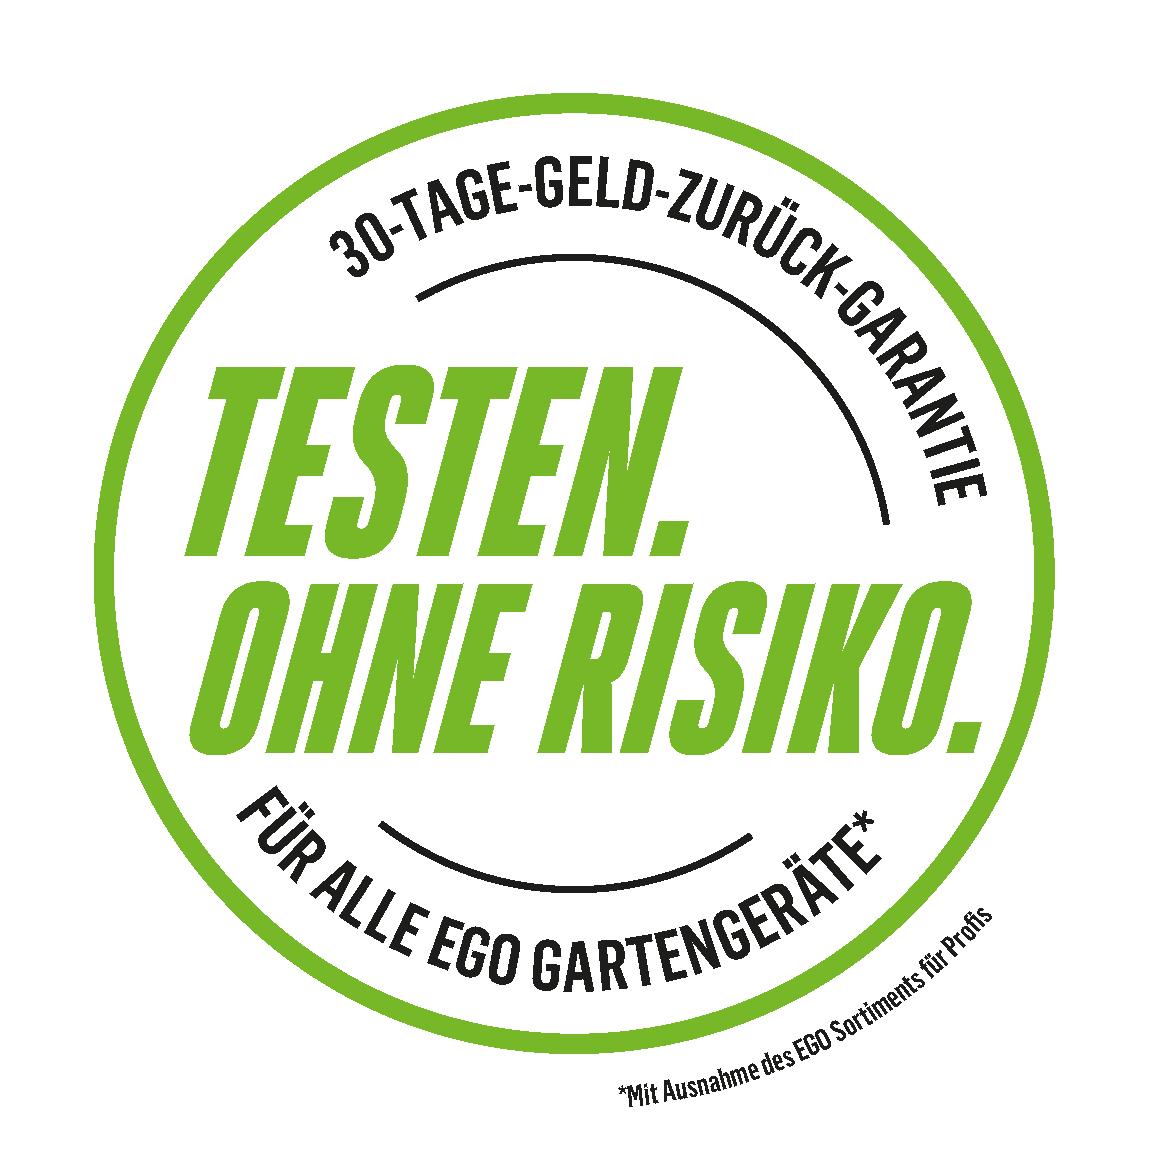 Aufkleber-Logo-30-Tage-Geld-zuruck_weiss